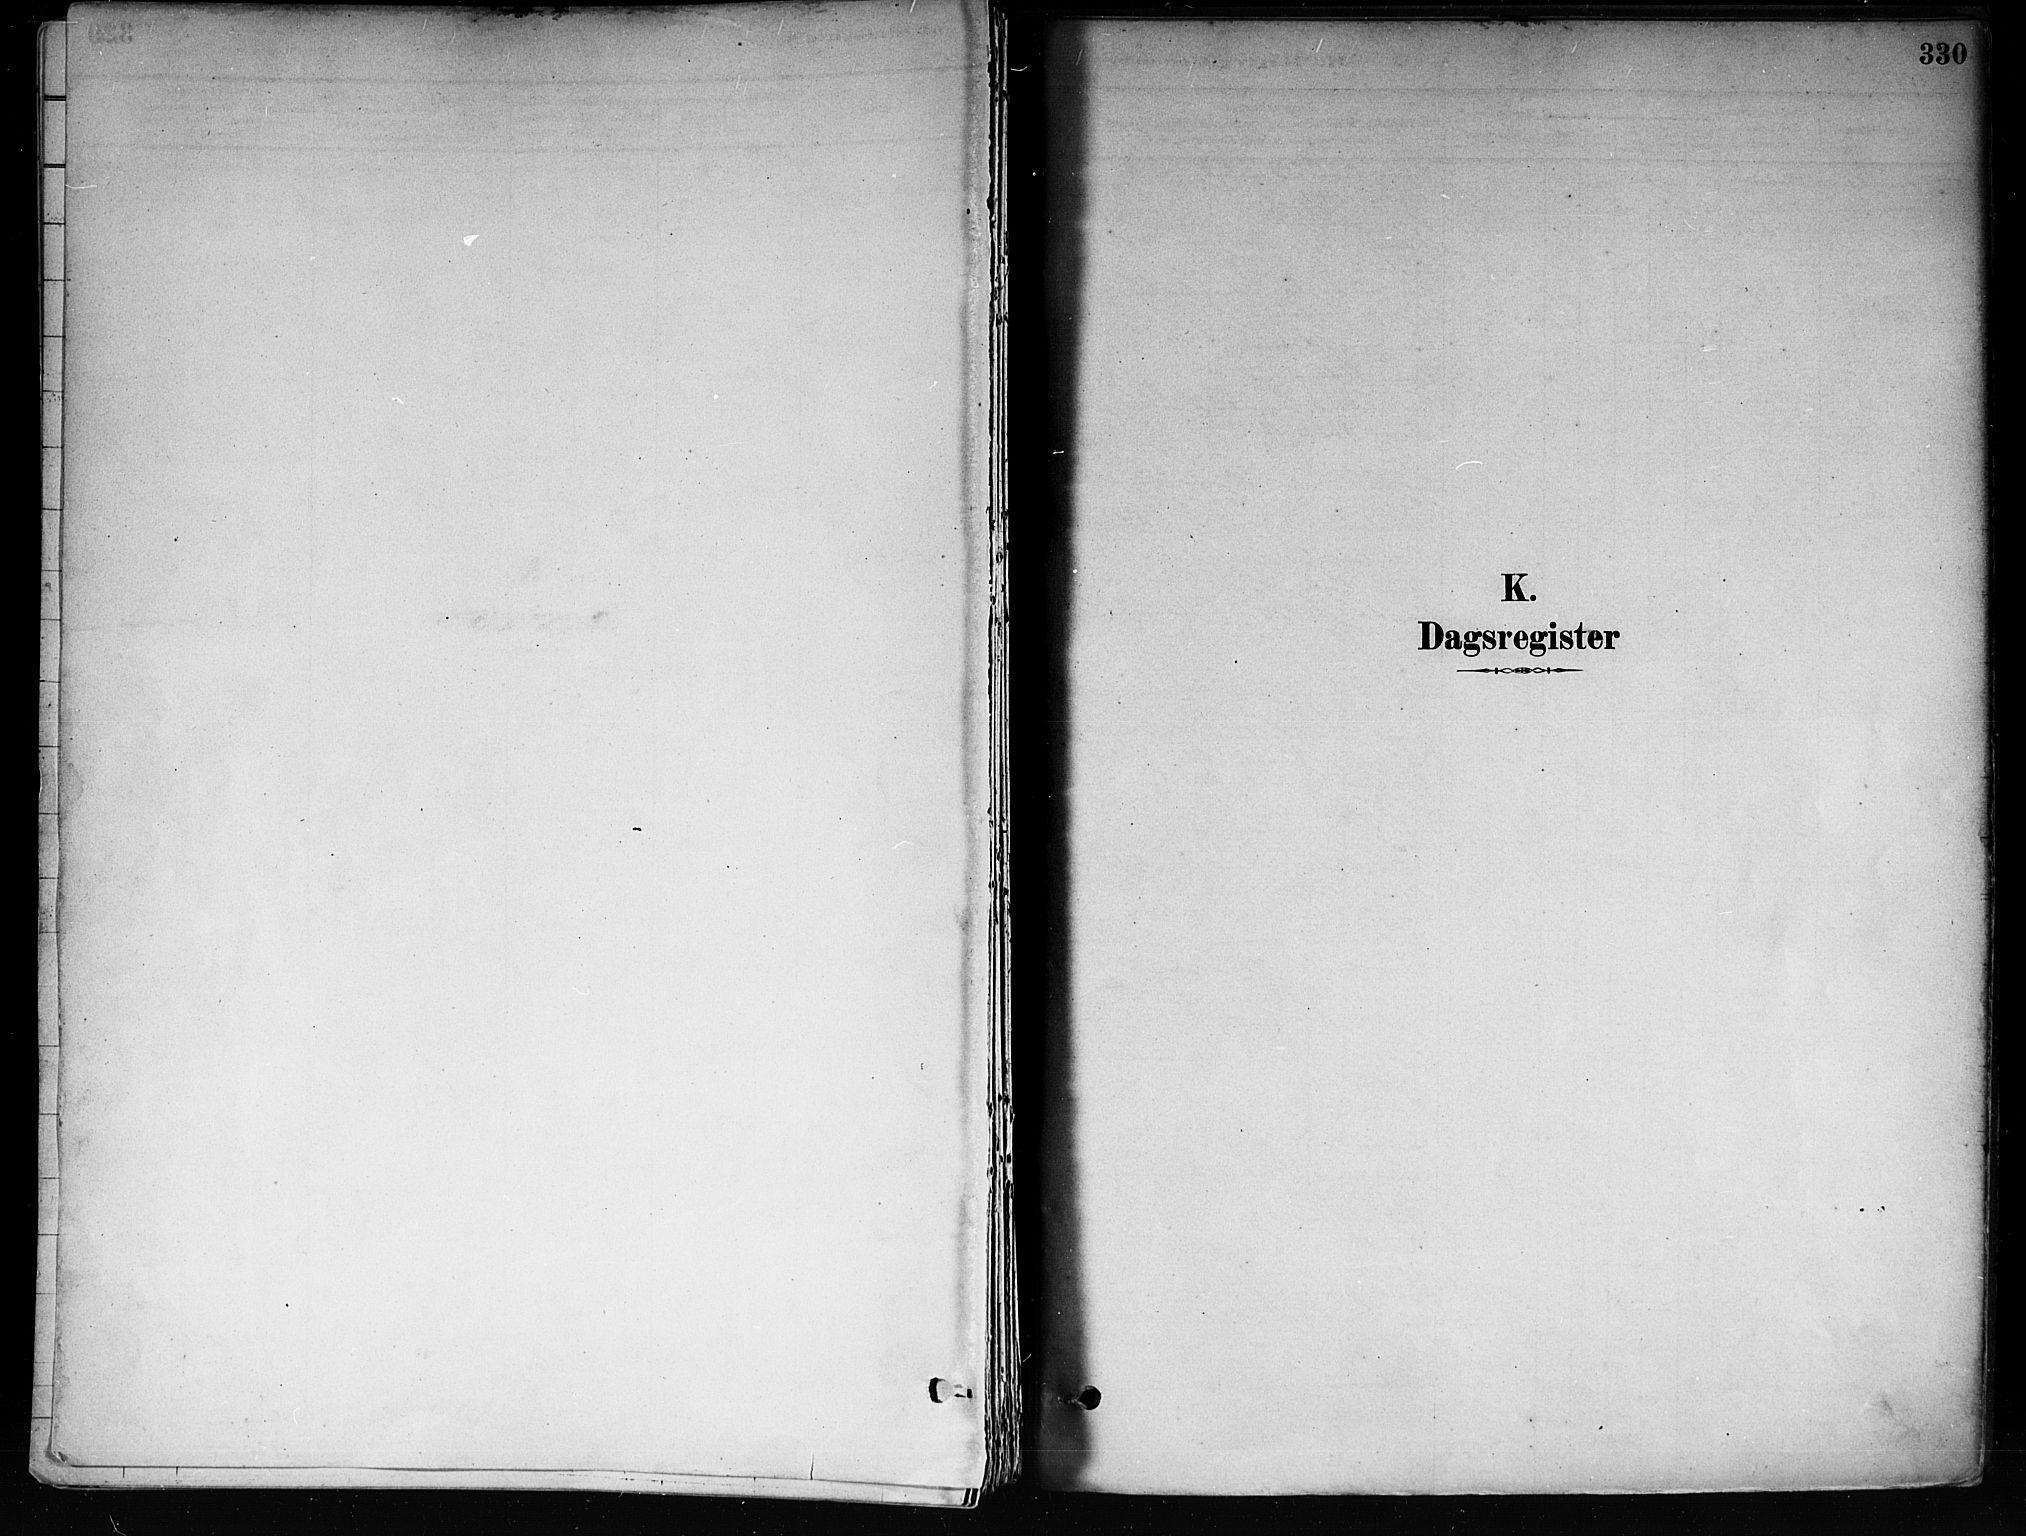 SAKO, Røyken kirkebøker, F/Fa/L0008: Ministerialbok nr. 8, 1880-1897, s. 330